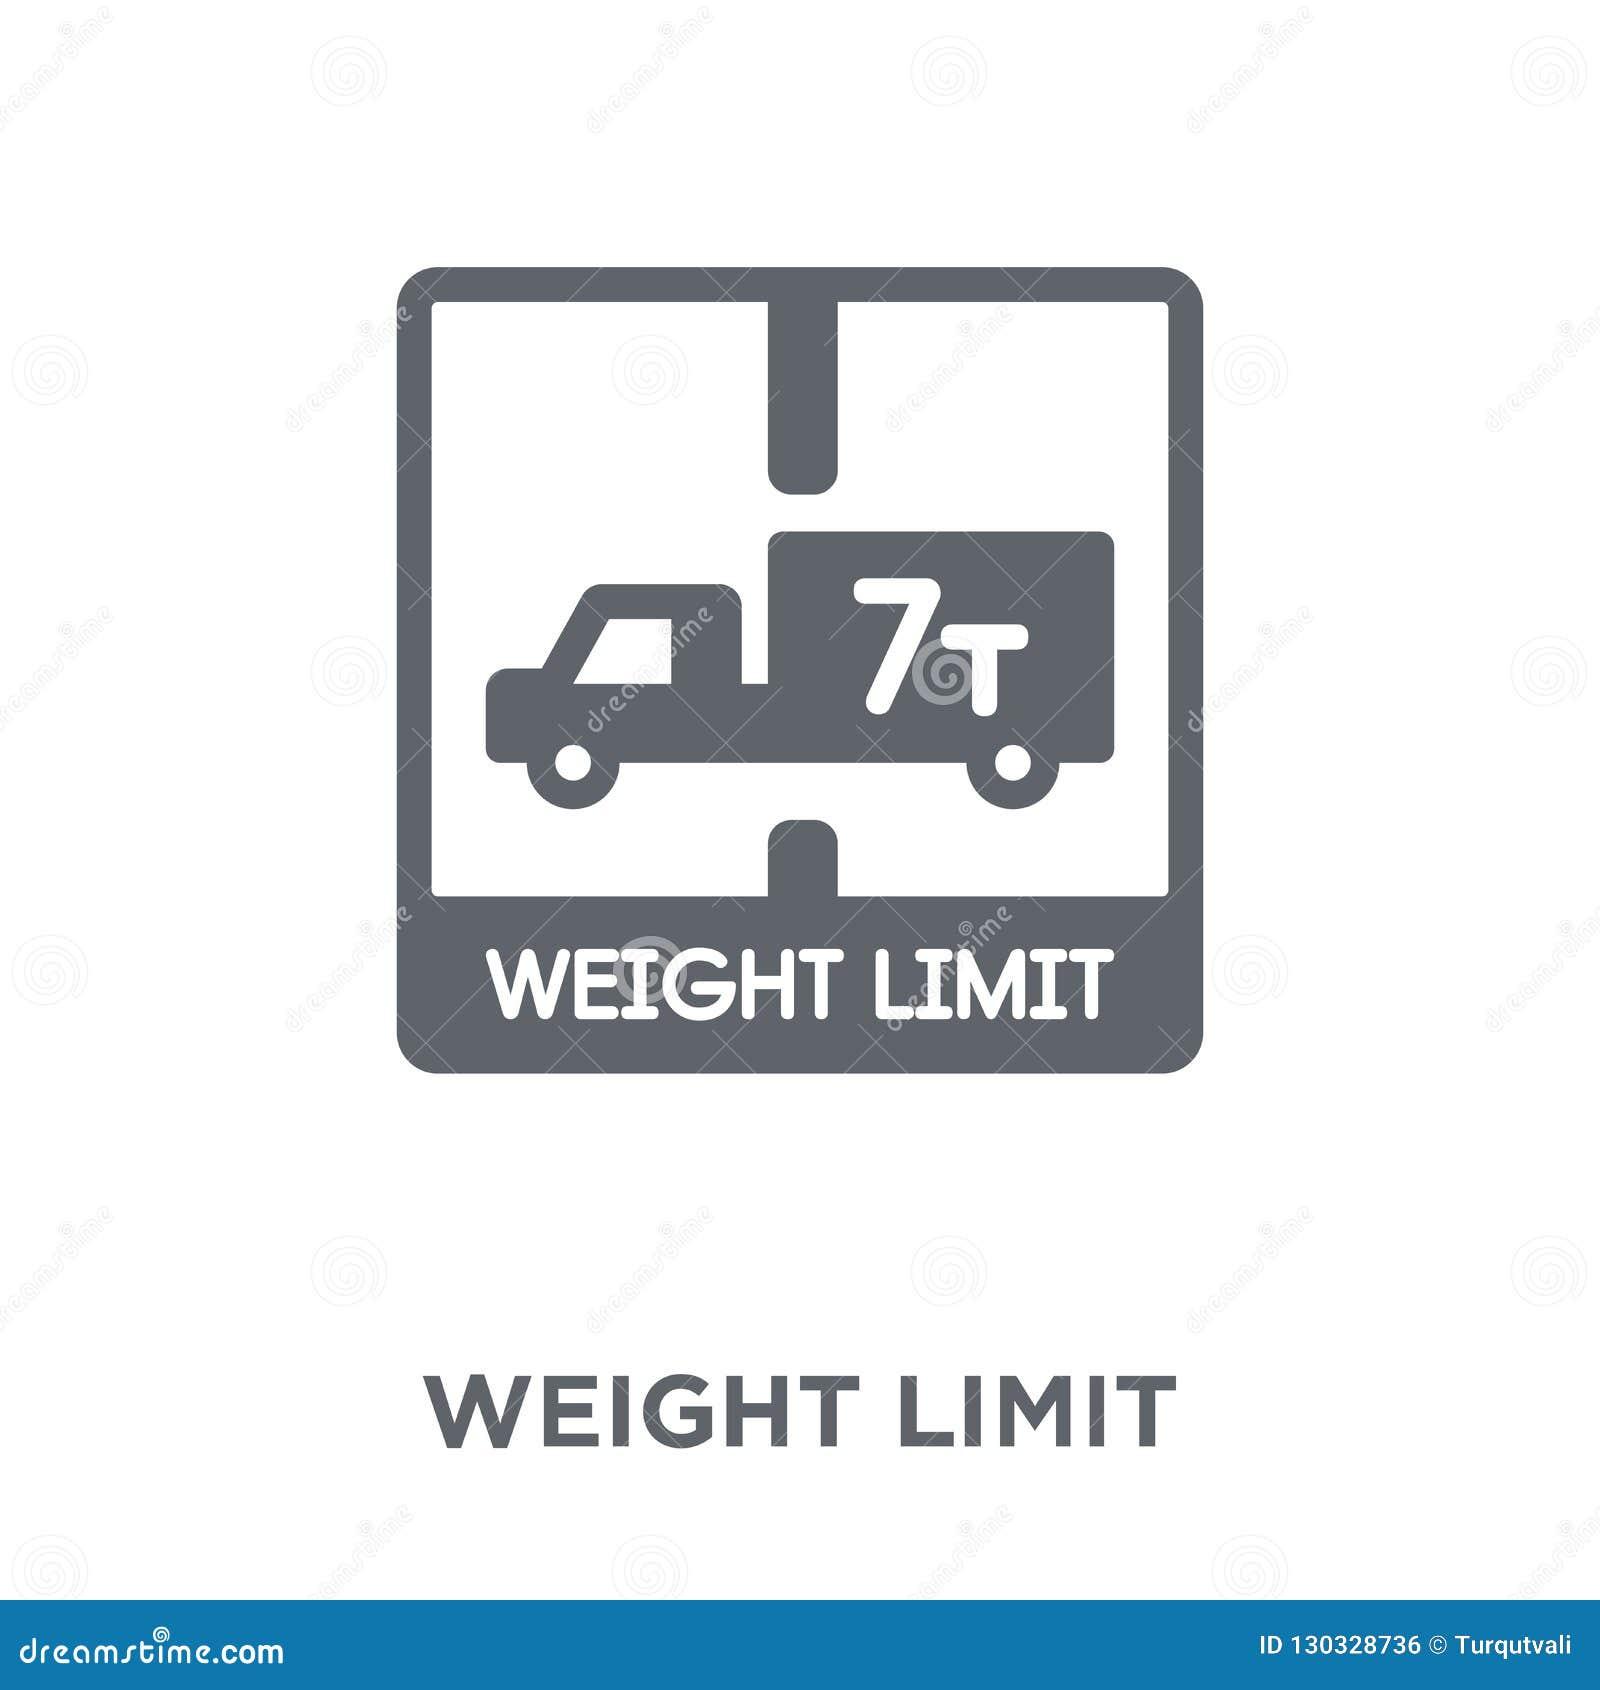 Icône de limite de poids de la livraison et de la collection logistique